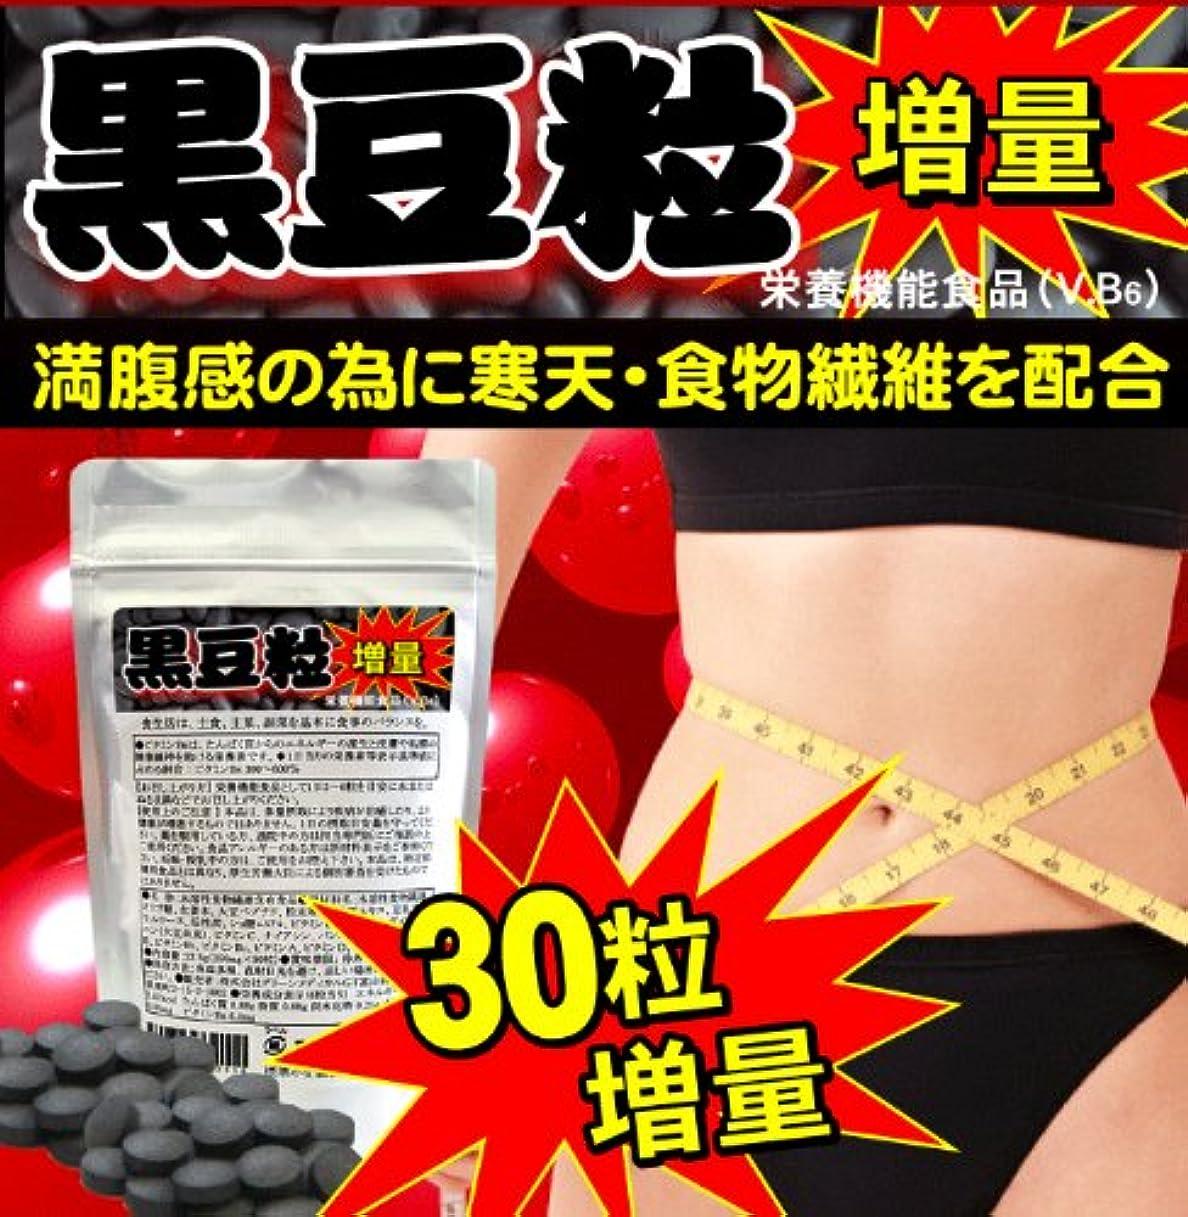 黒豆粒増量(黒豆ダイエットサプリ)